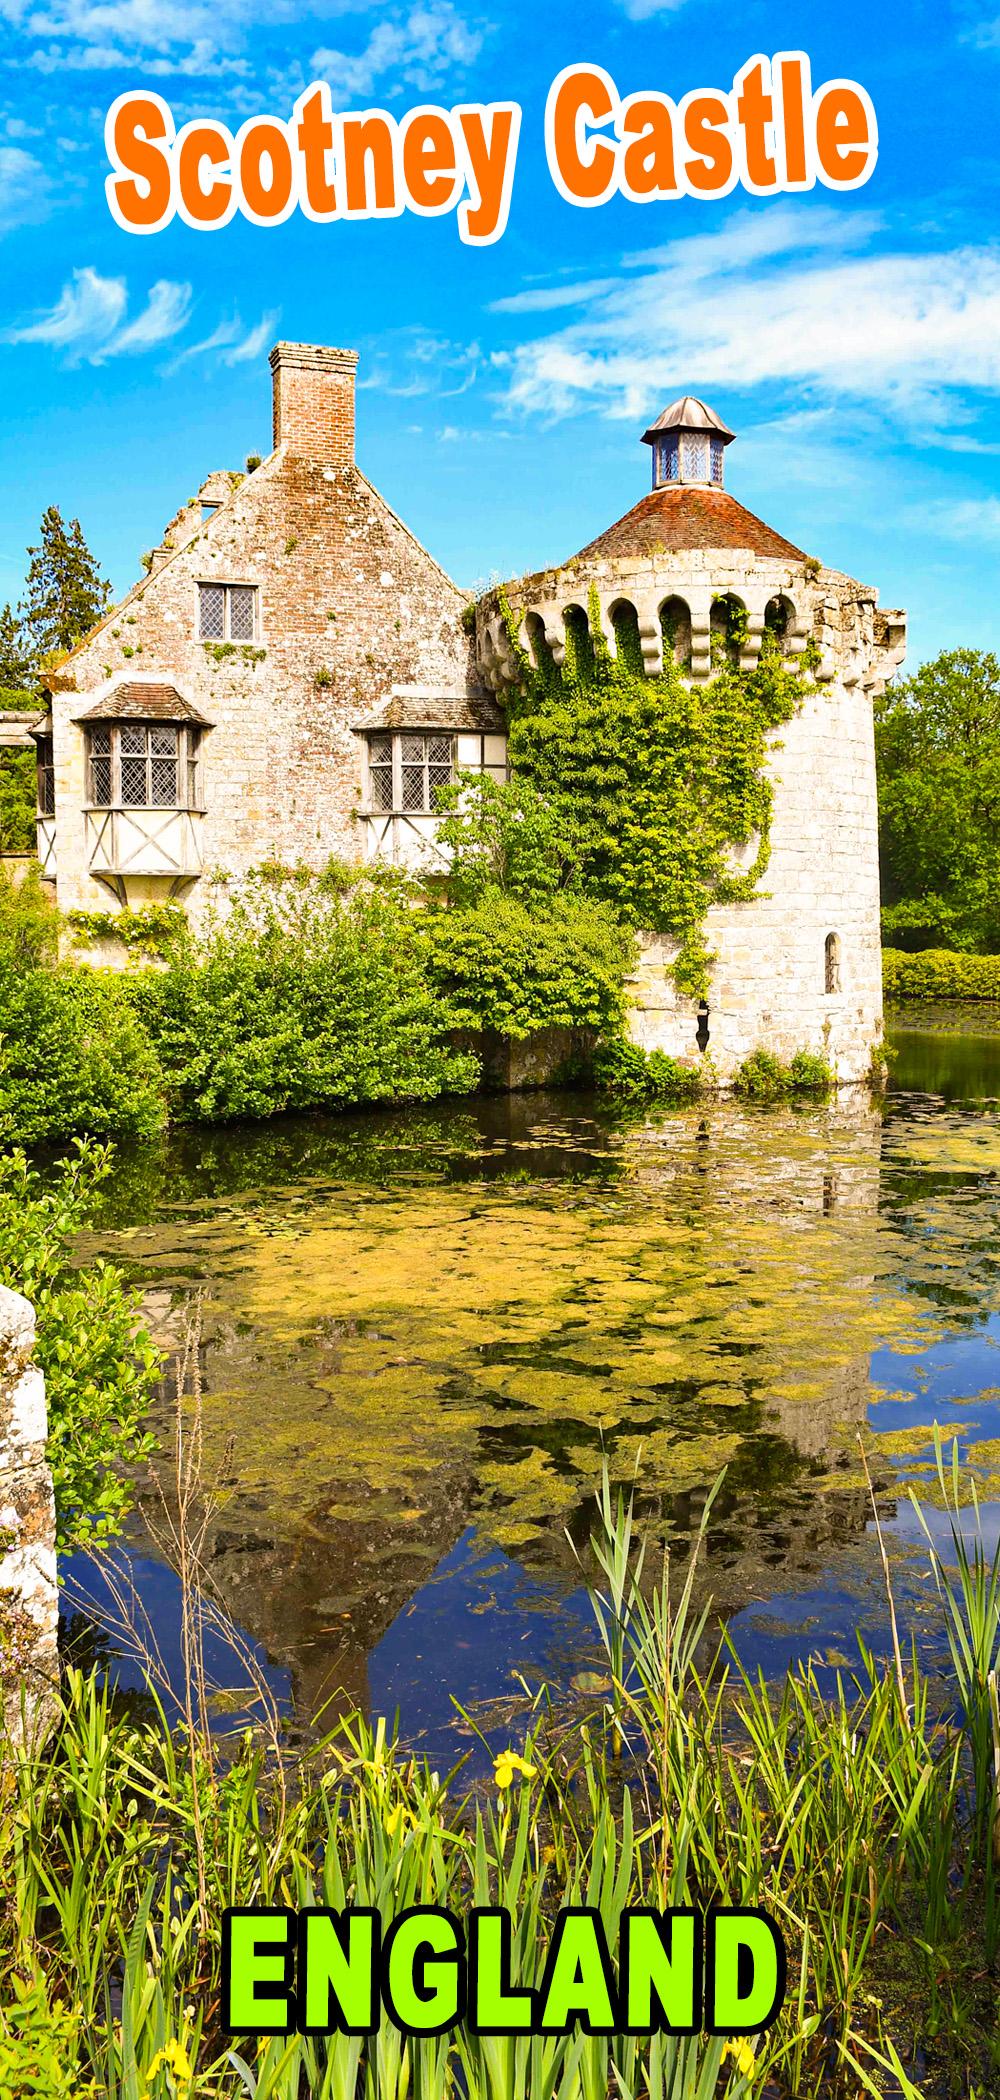 Scotney Castle pour Pinterest © French Moments